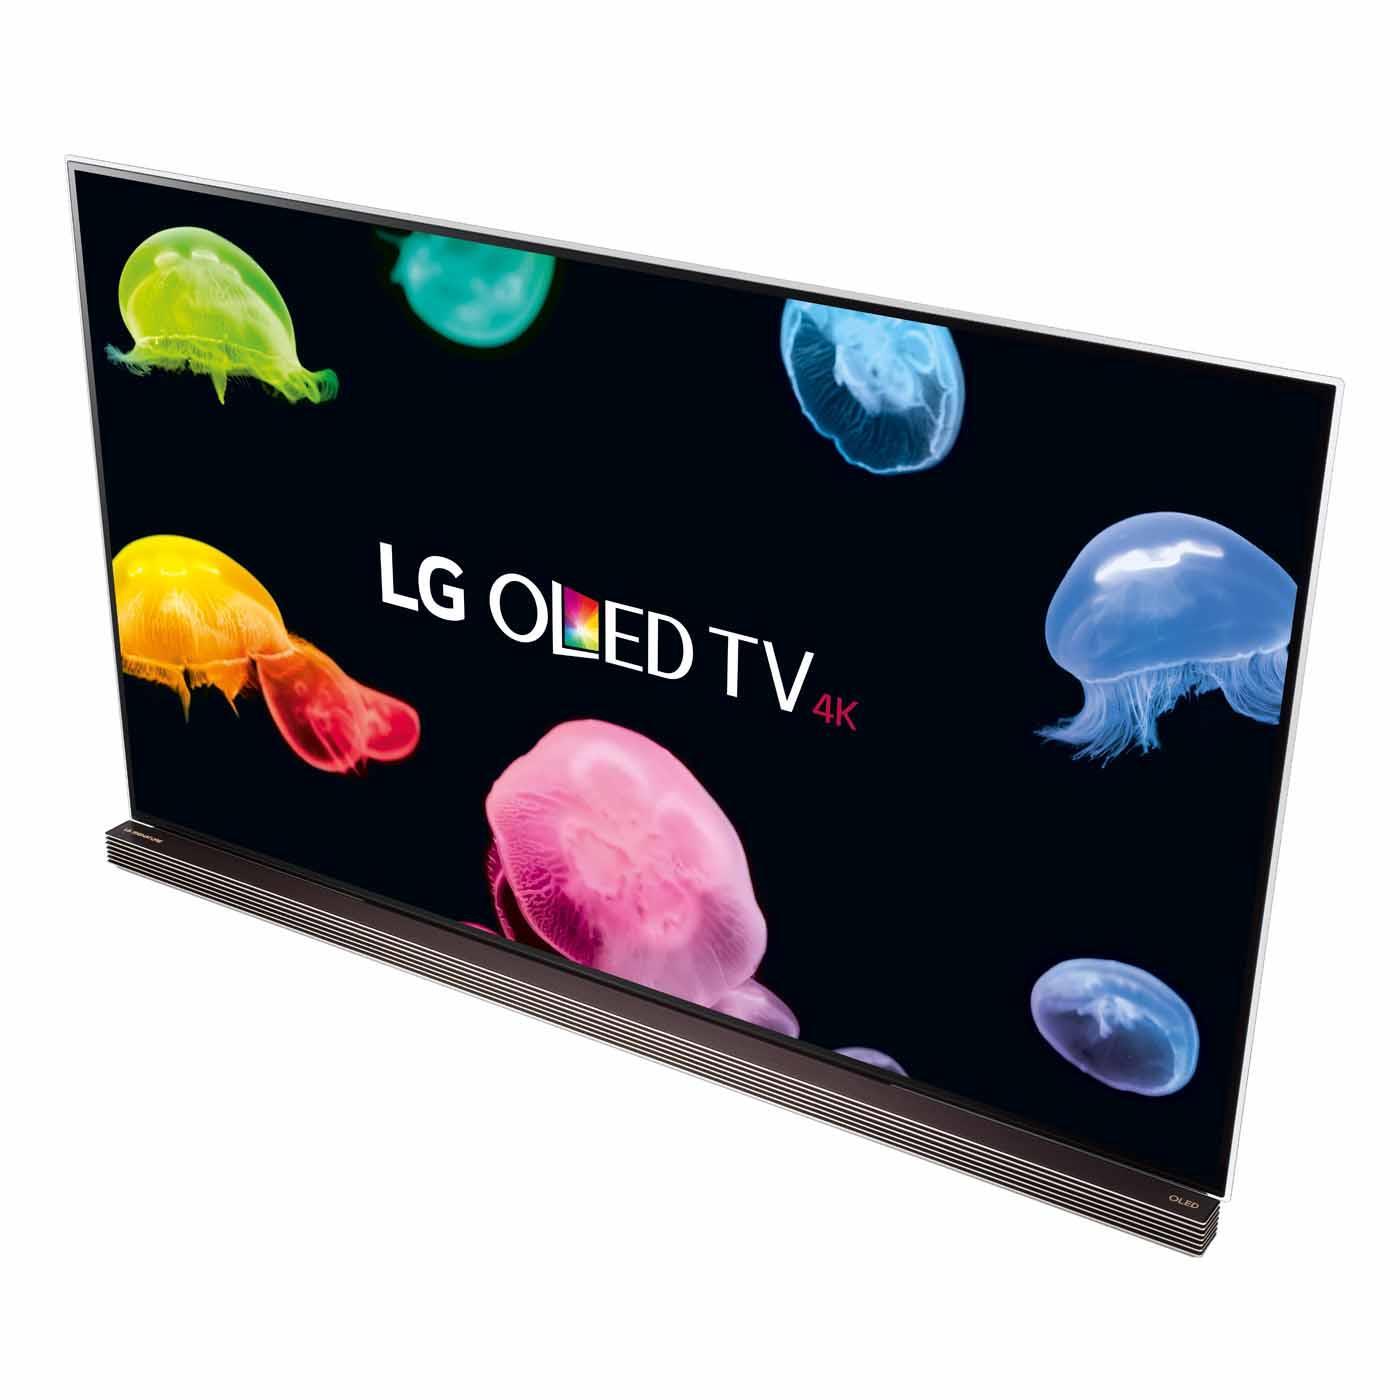 image/product_image/LG_SIGNATURE_OLED_4K_TV_-_77-image2.jpg